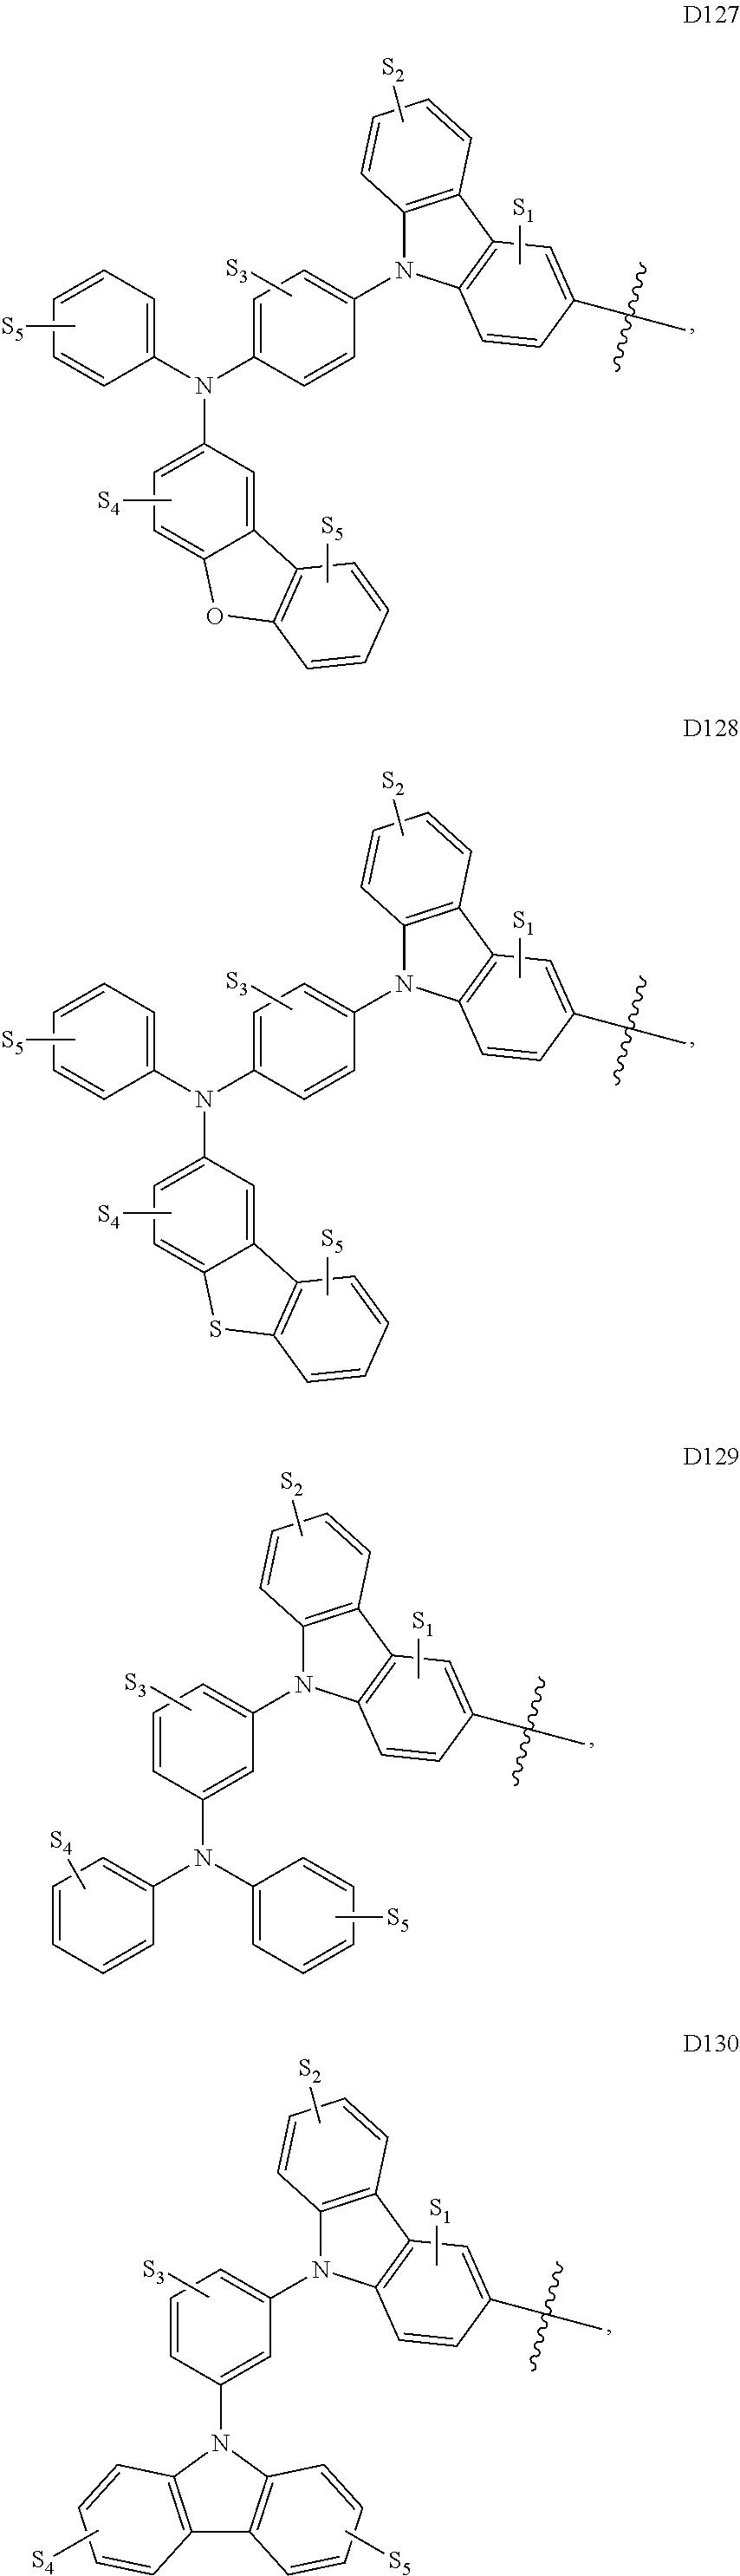 Figure US09324949-20160426-C00086